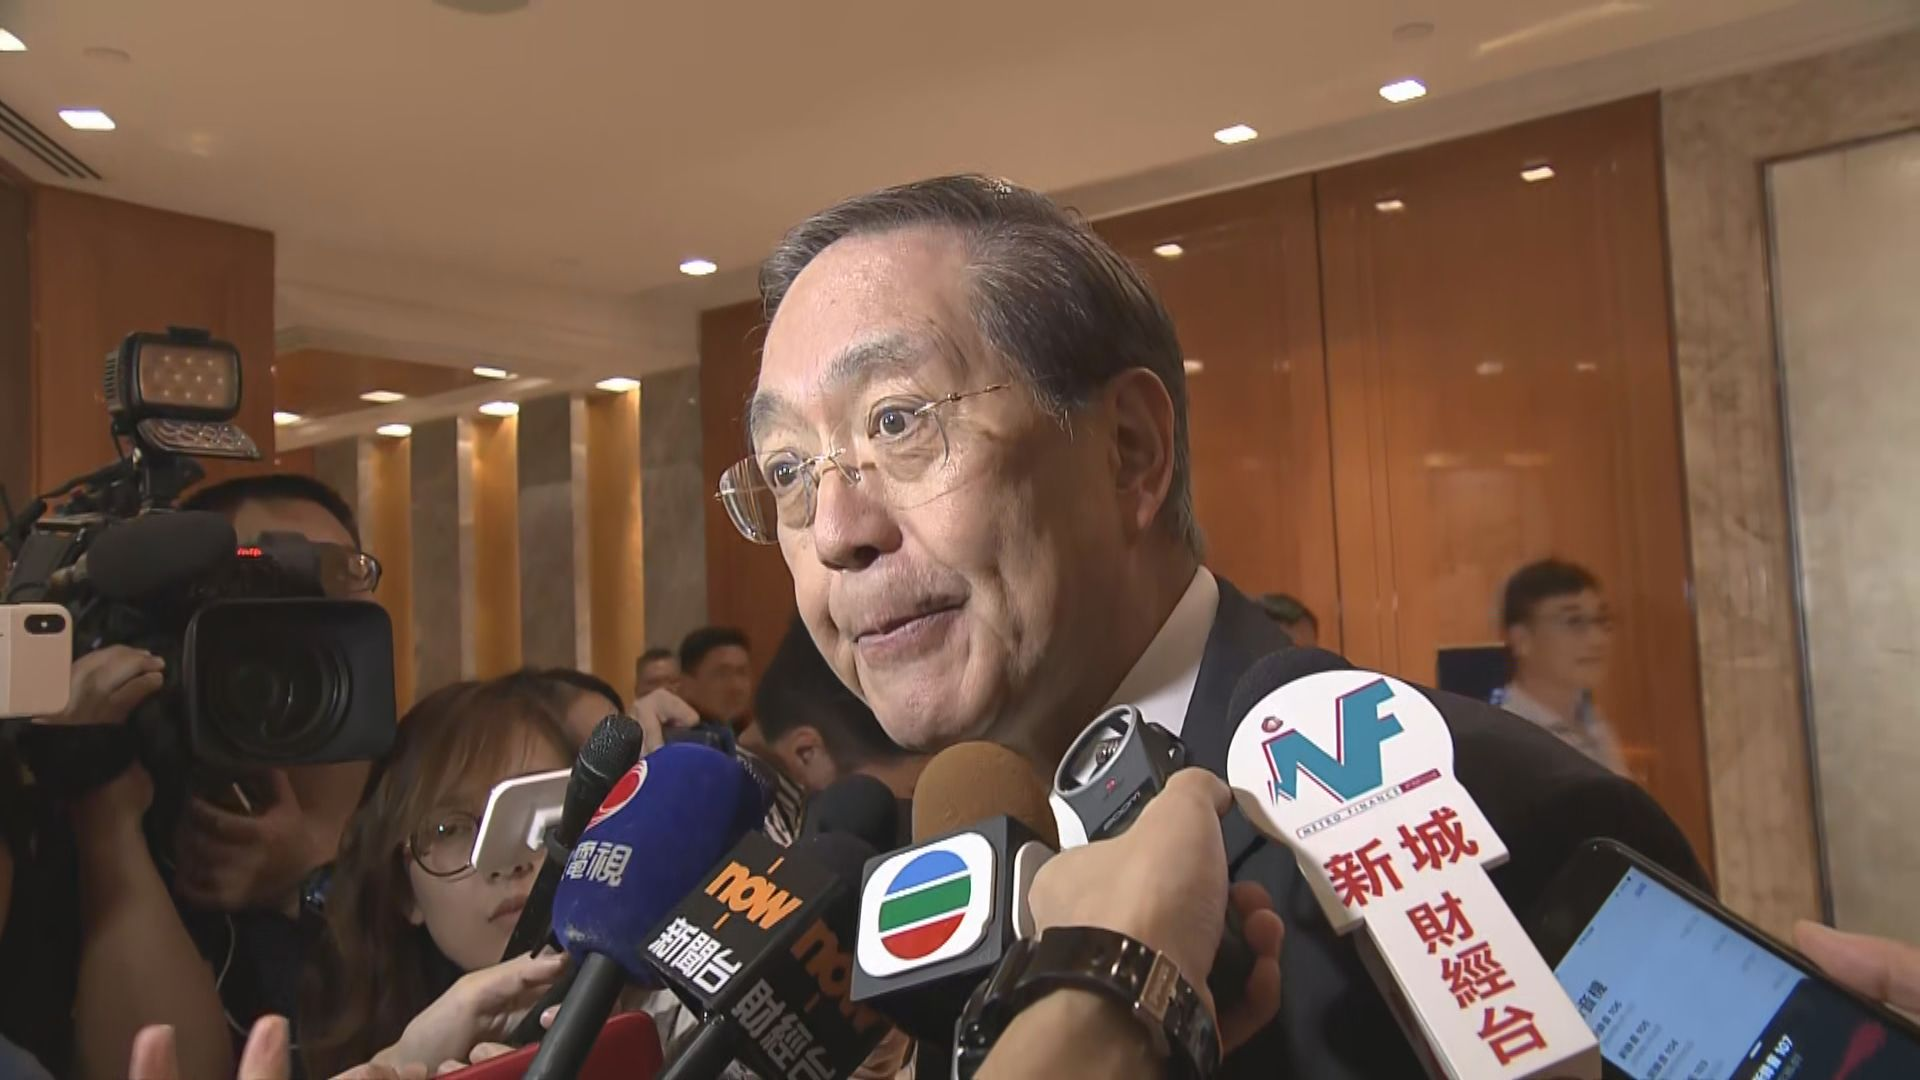 李國章:通識科執行出問題 應改善教師質素